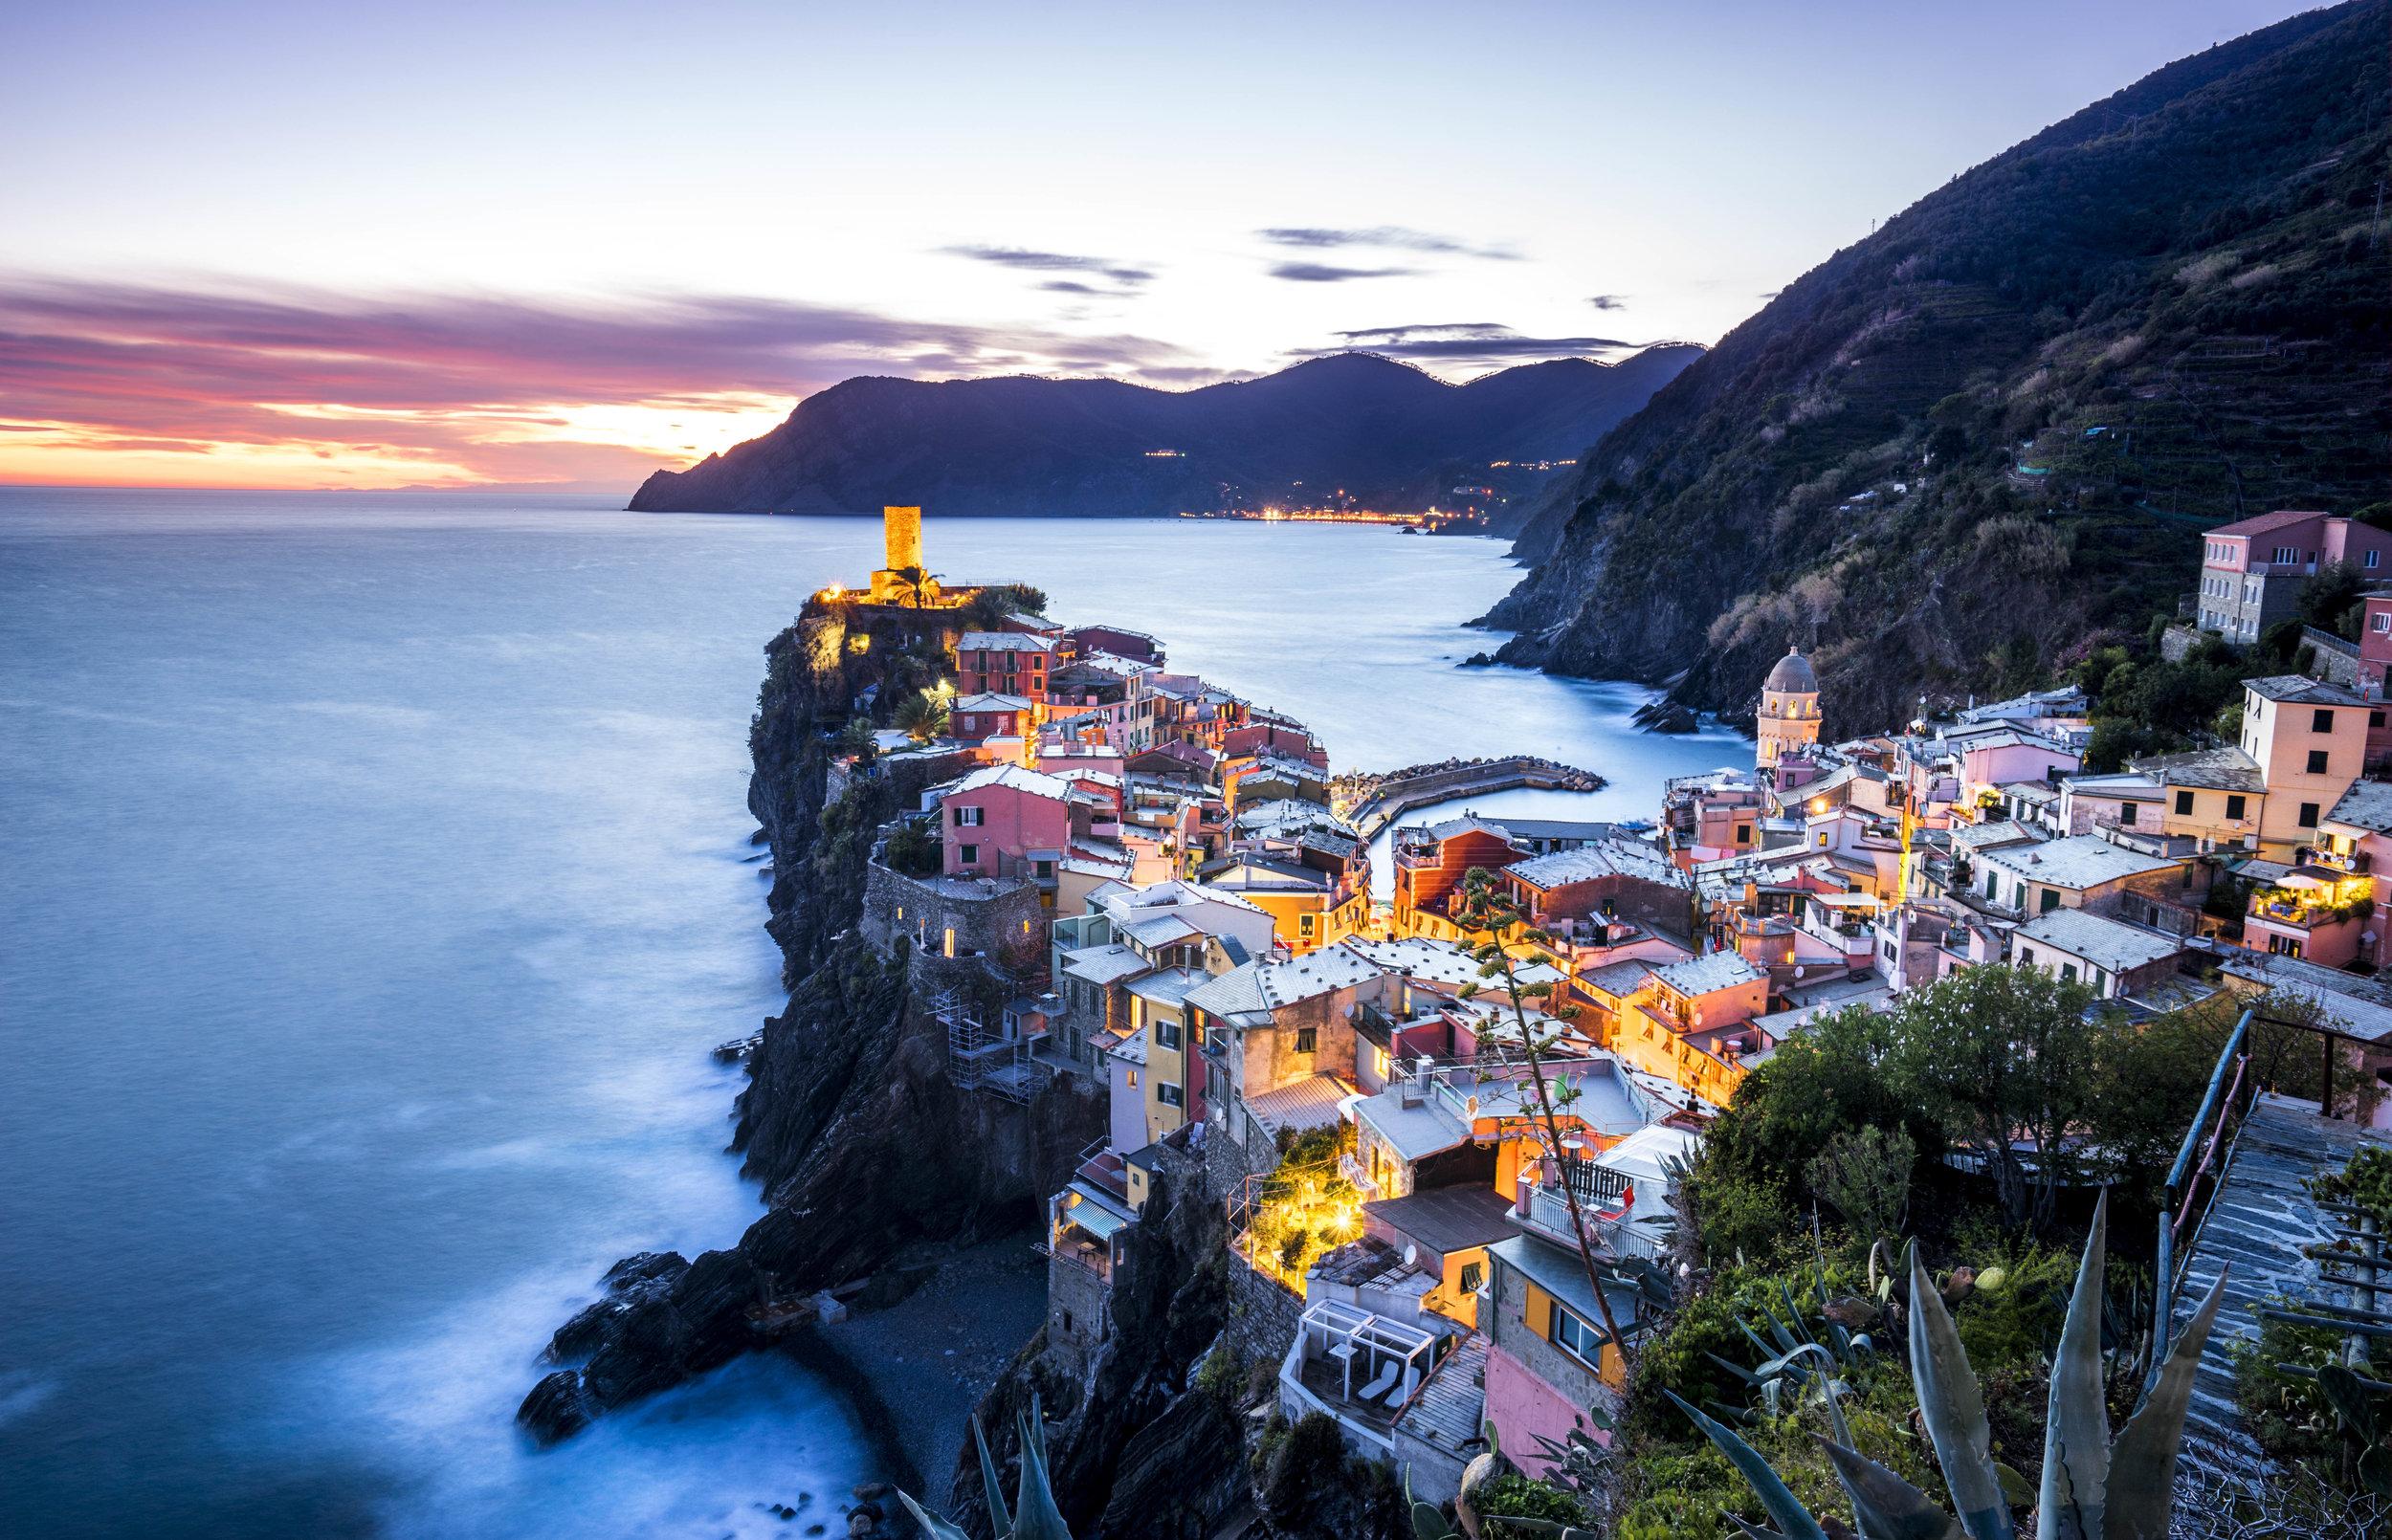 Italy - West Mediterranean